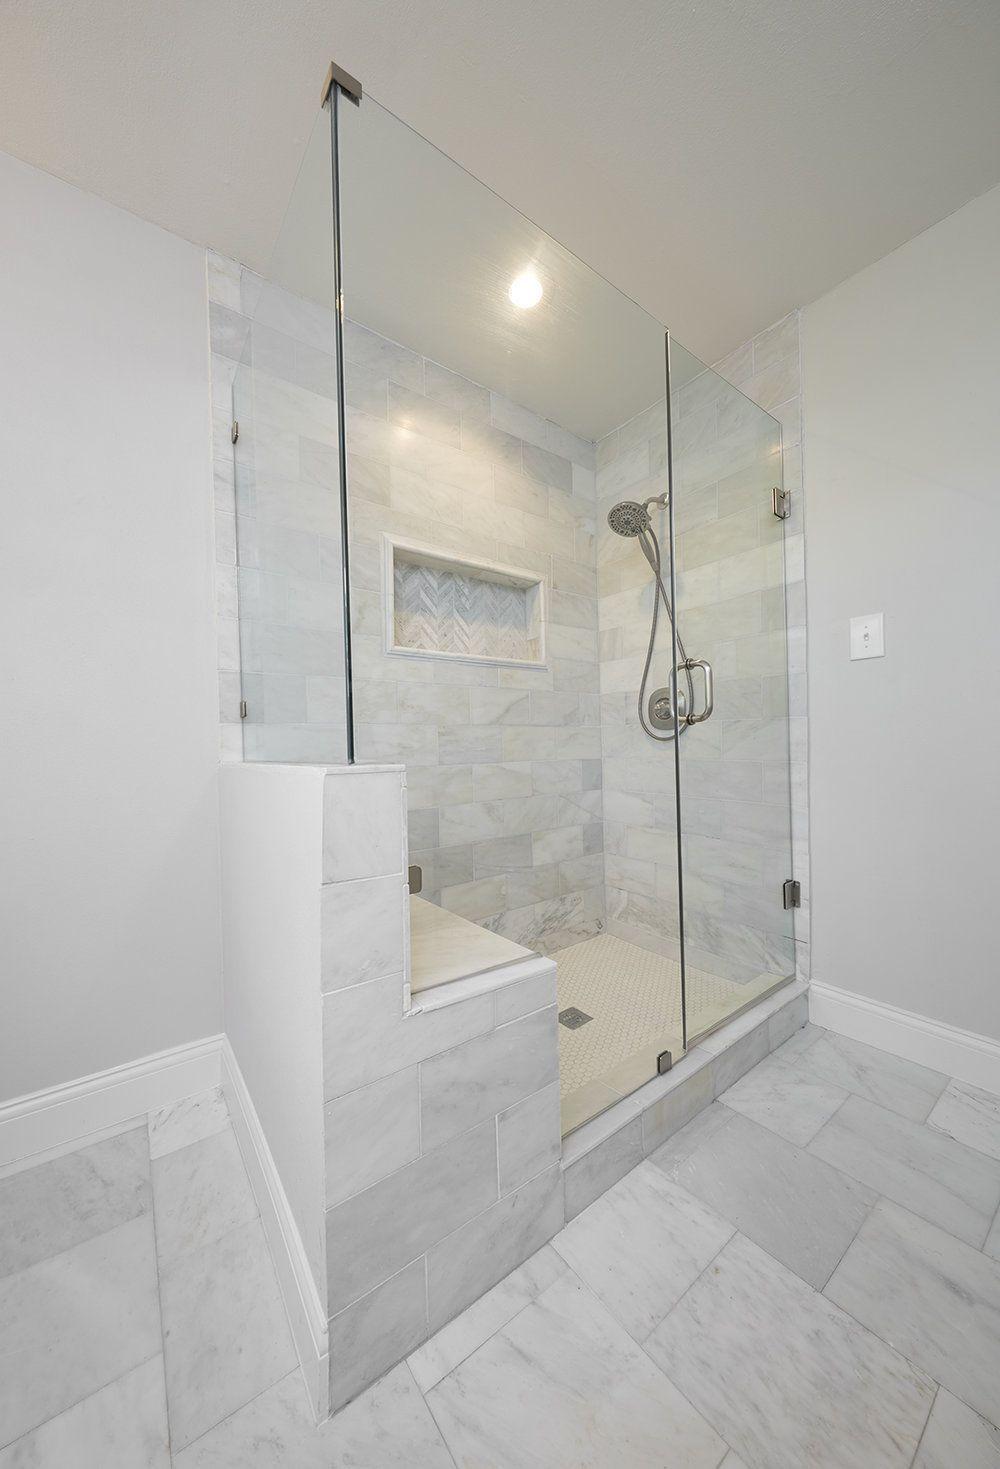 Bathroom Renovation Ideas Bathroom Remodel Cost Bathroom Ideas For Small Bathrooms Small Bathro Bathroom Remodel Cost Bathroom Remodel Shower Shower Remodel